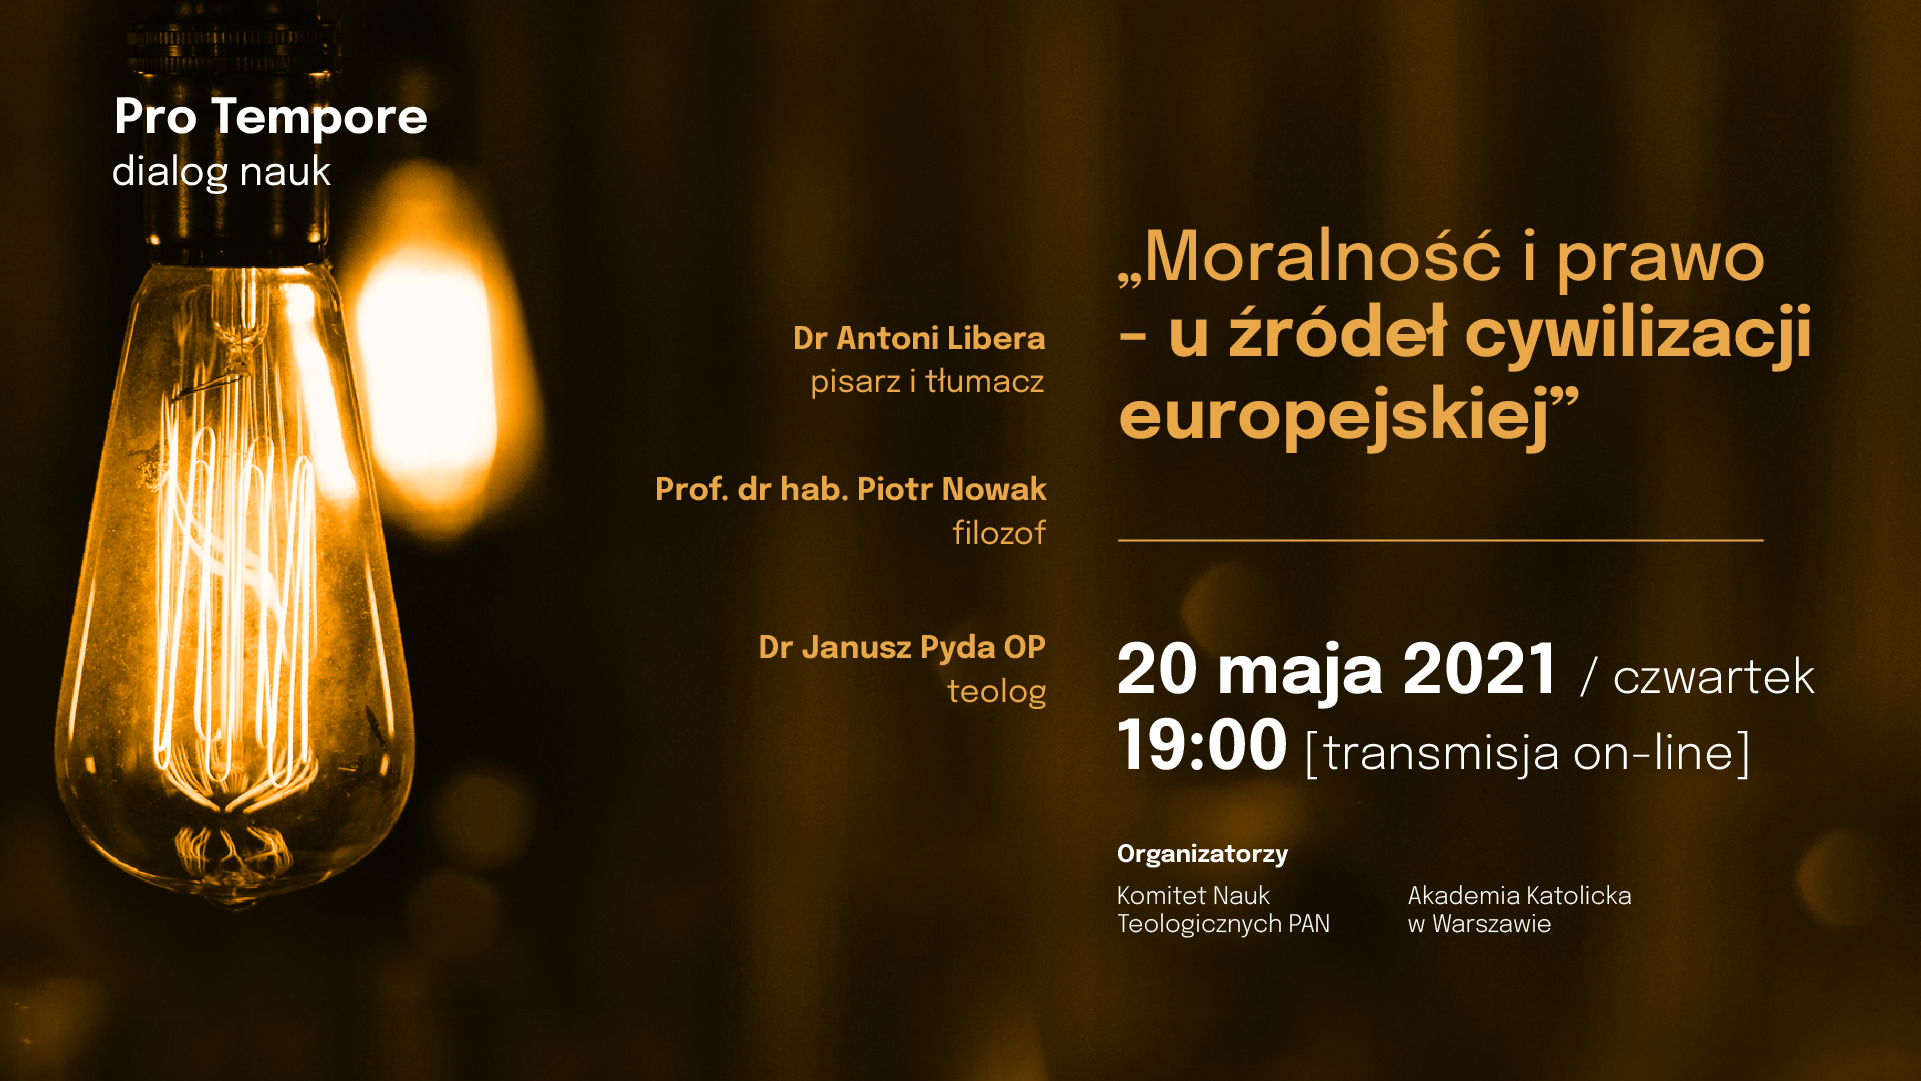 Moralność i prawo u źródeł cywilizacji europejskiej – 20 maja 2021